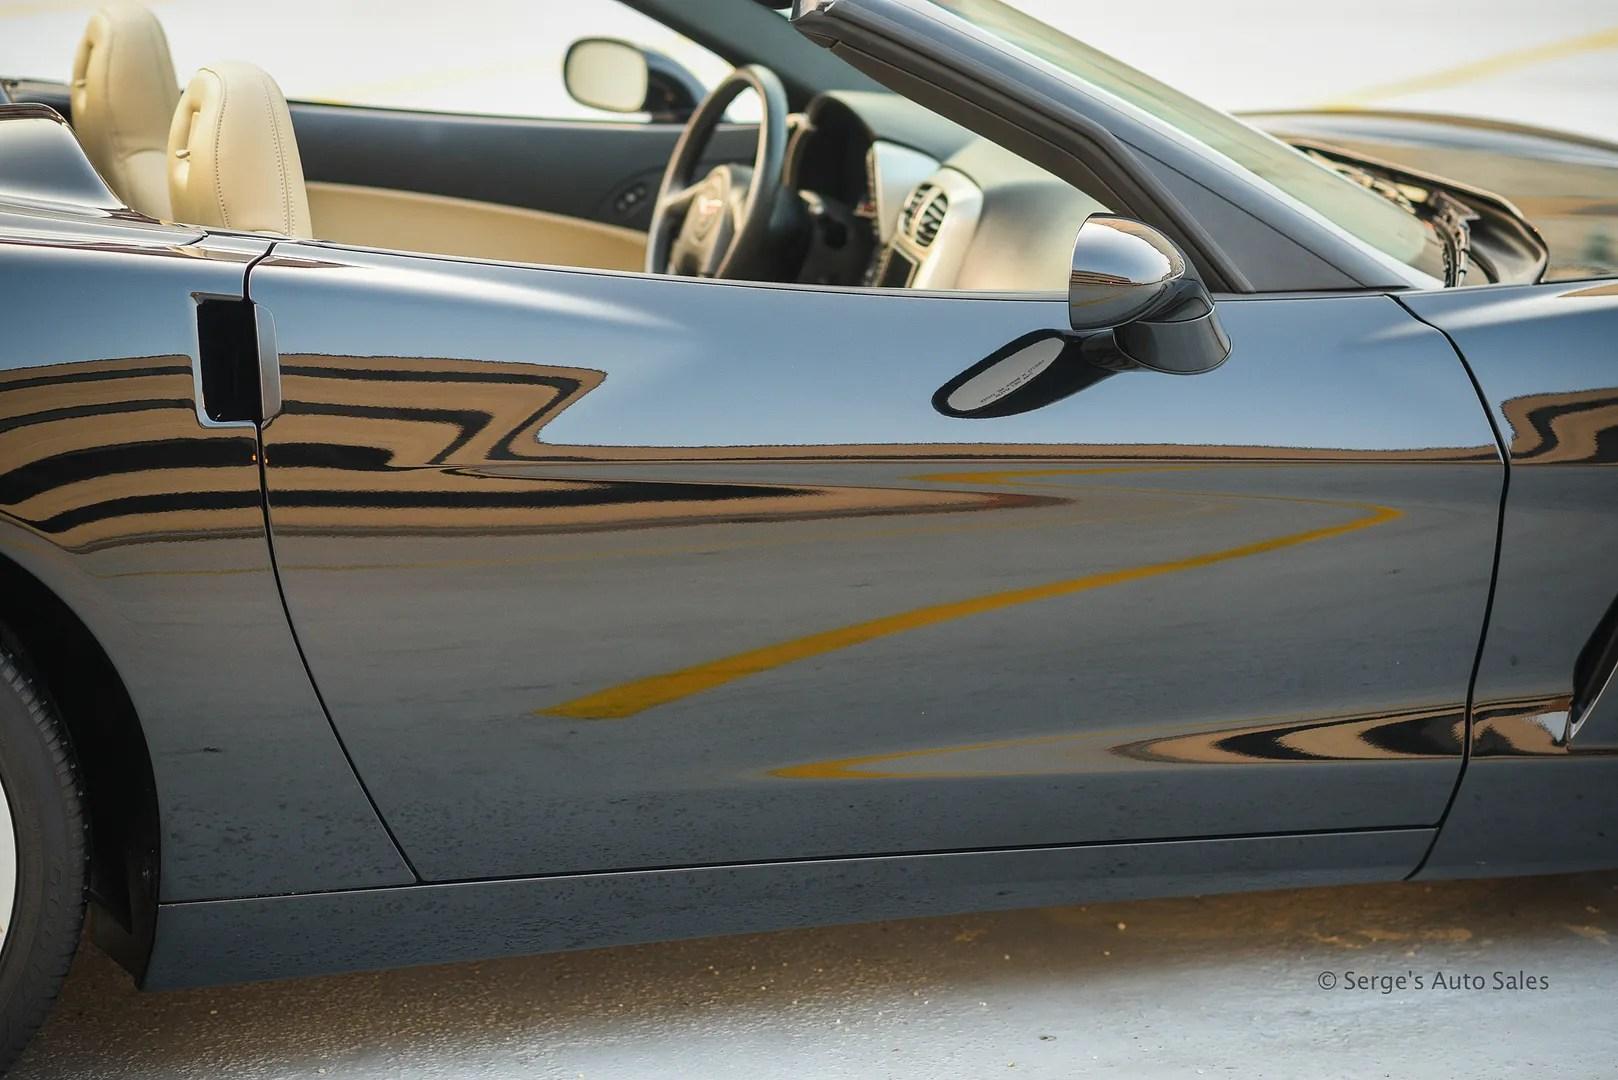 photo 2005-C6-Corvette-Convertible-For-Sale-Scranton-Serges-Auto-Sales-dealer--43_zpssyxxyhcc.jpg